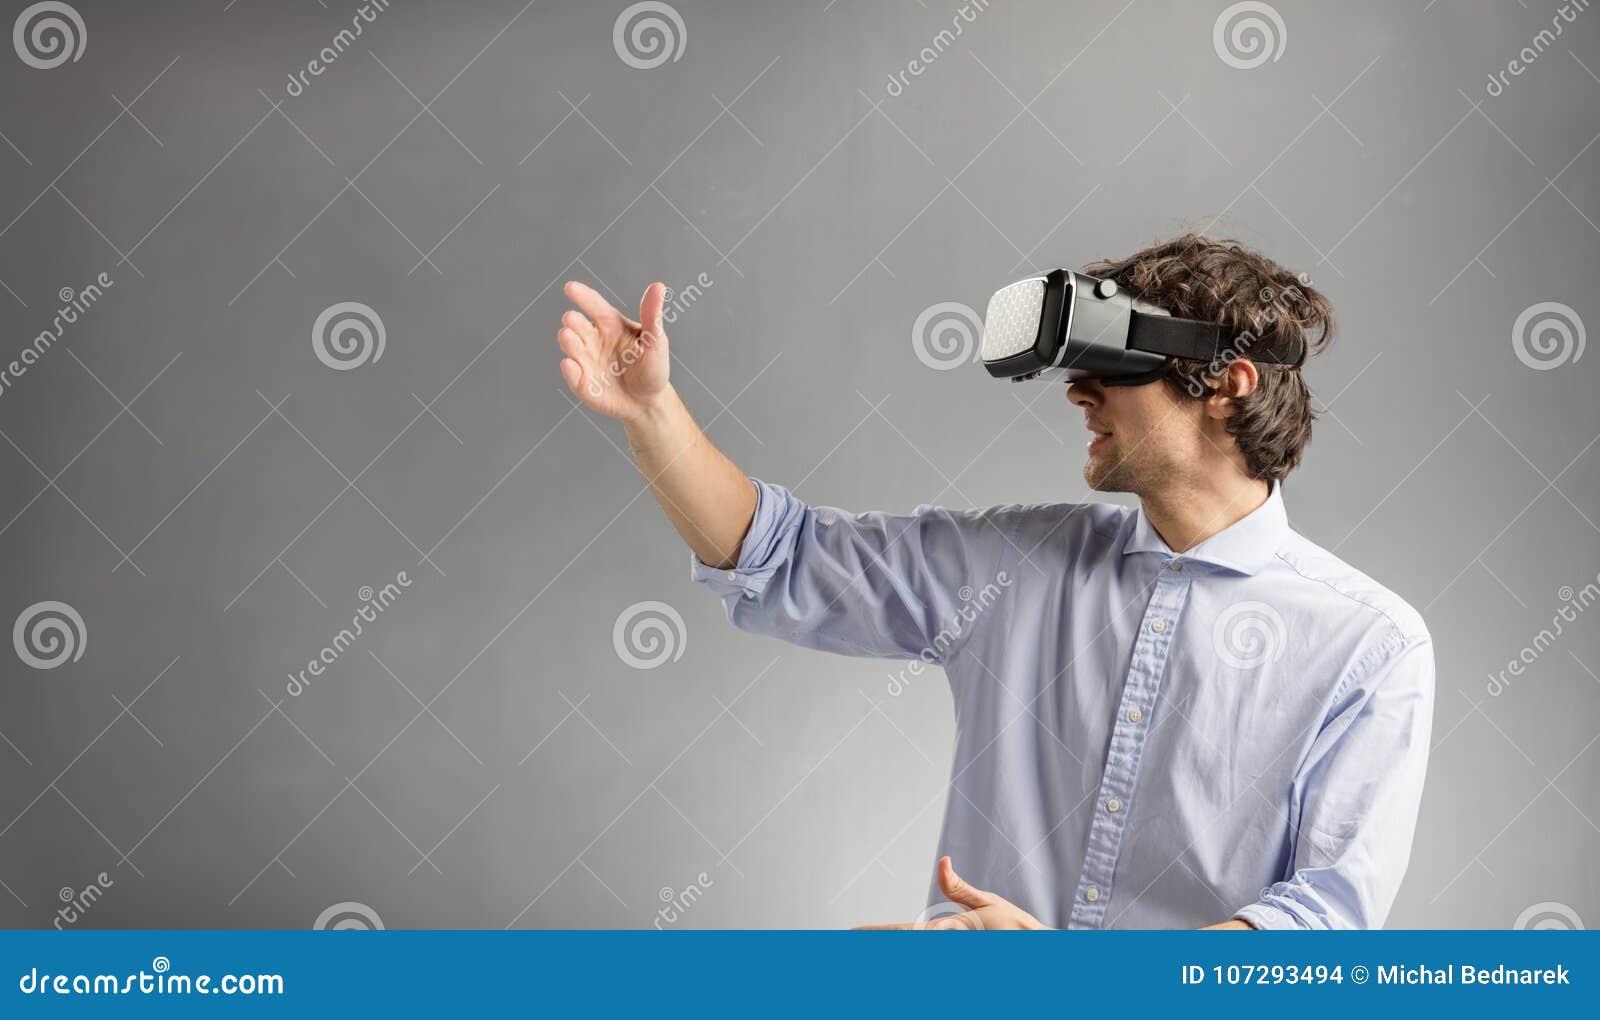 Παιχνίδι νεαρών άνδρων στα προστατευτικά δίοπτρα εικονικής πραγματικότητας